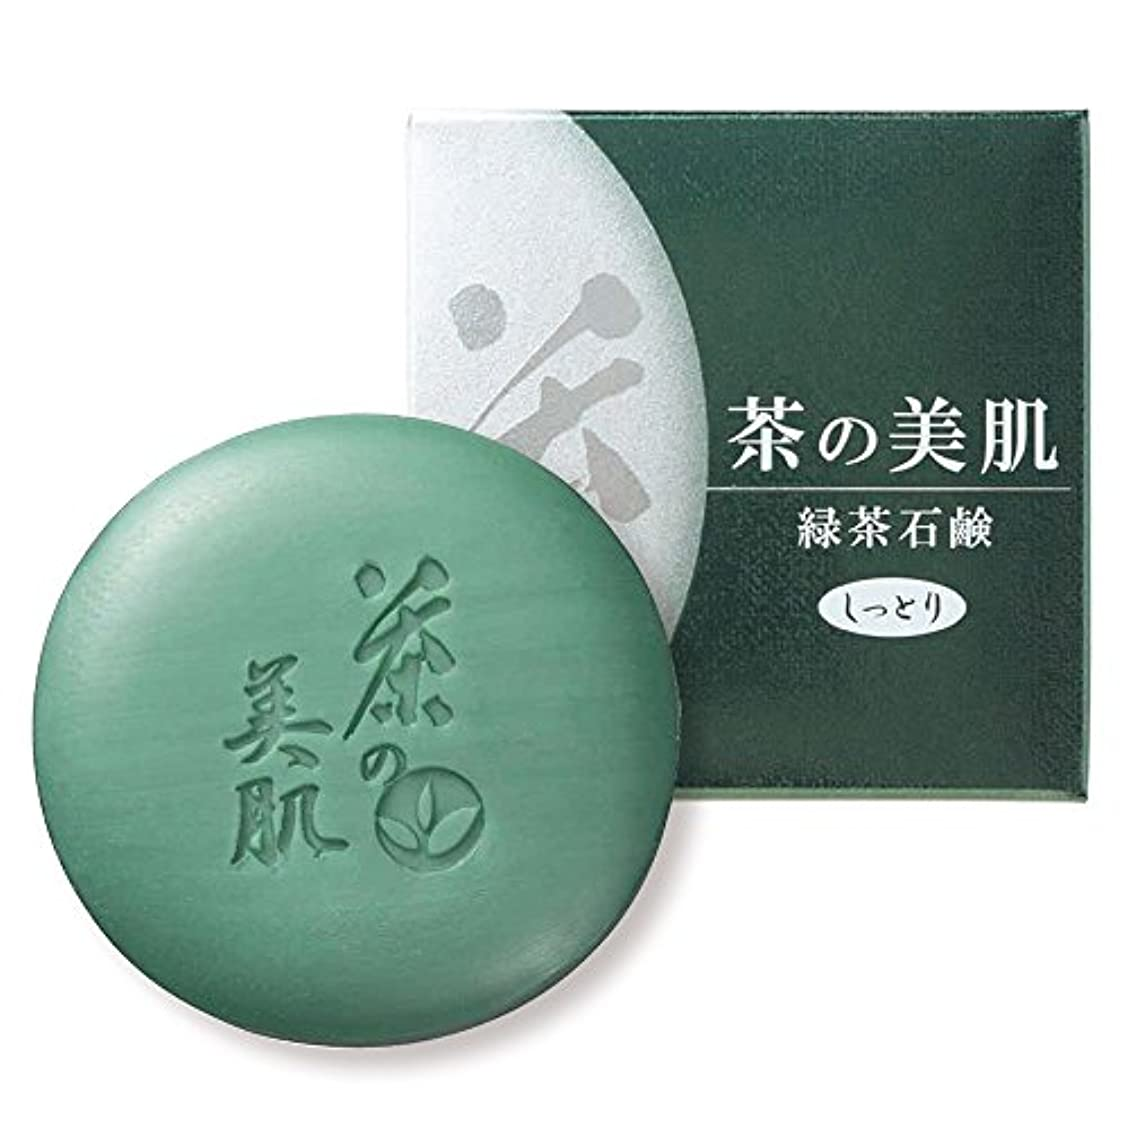 パズルパテ病弱お茶村 洗顔 茶の美肌 緑茶 石鹸 65g